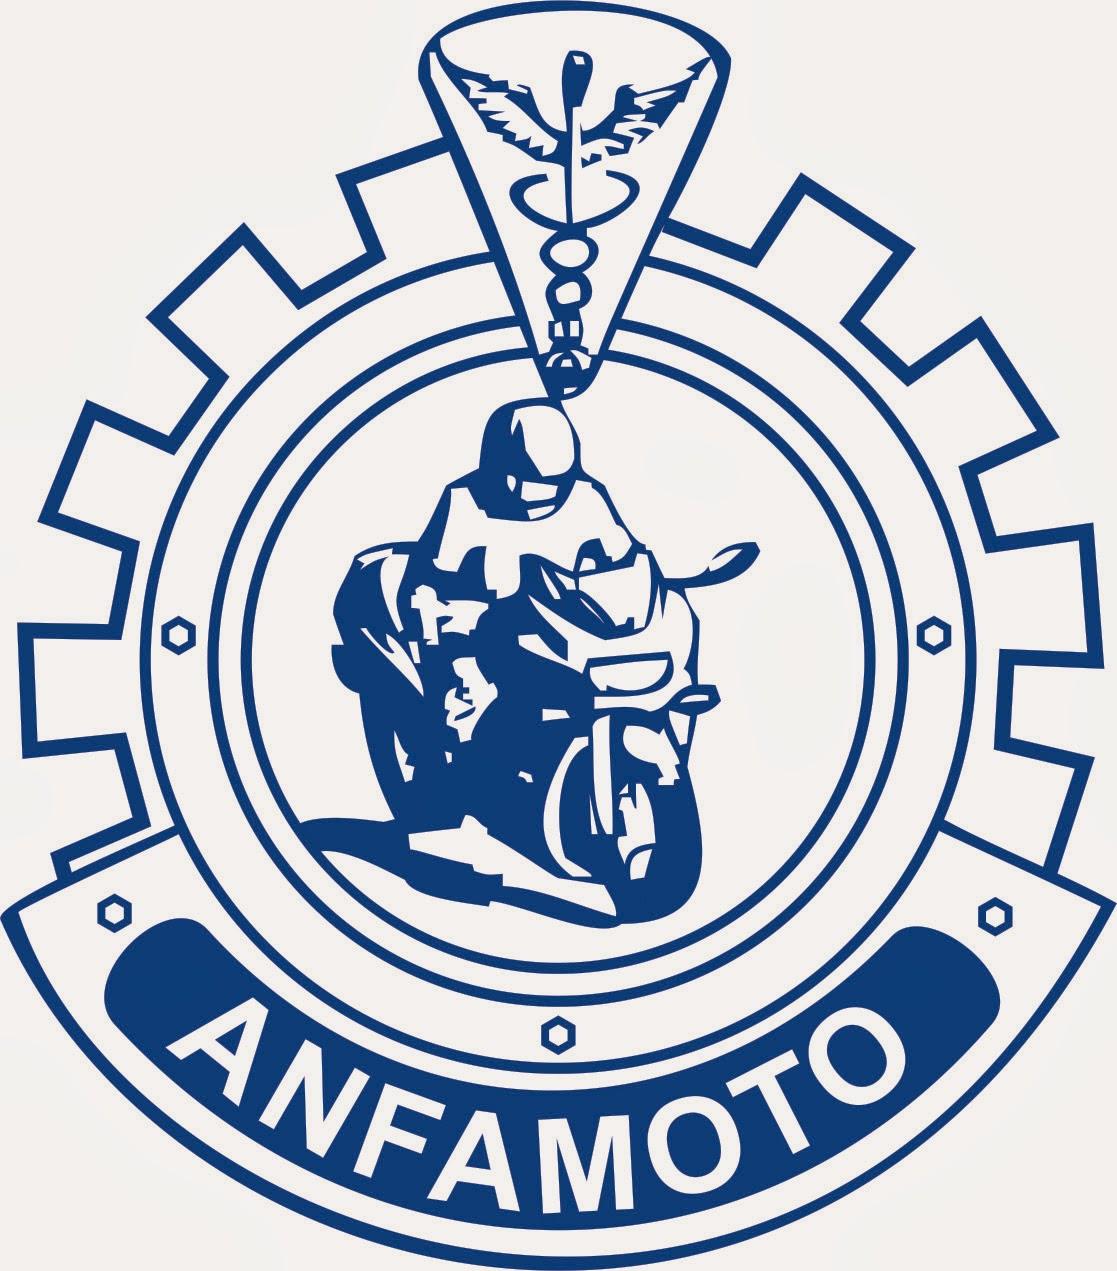 Entidade promove desenvolvimento de indústrias e empresas de motopeças instaladas no brasil